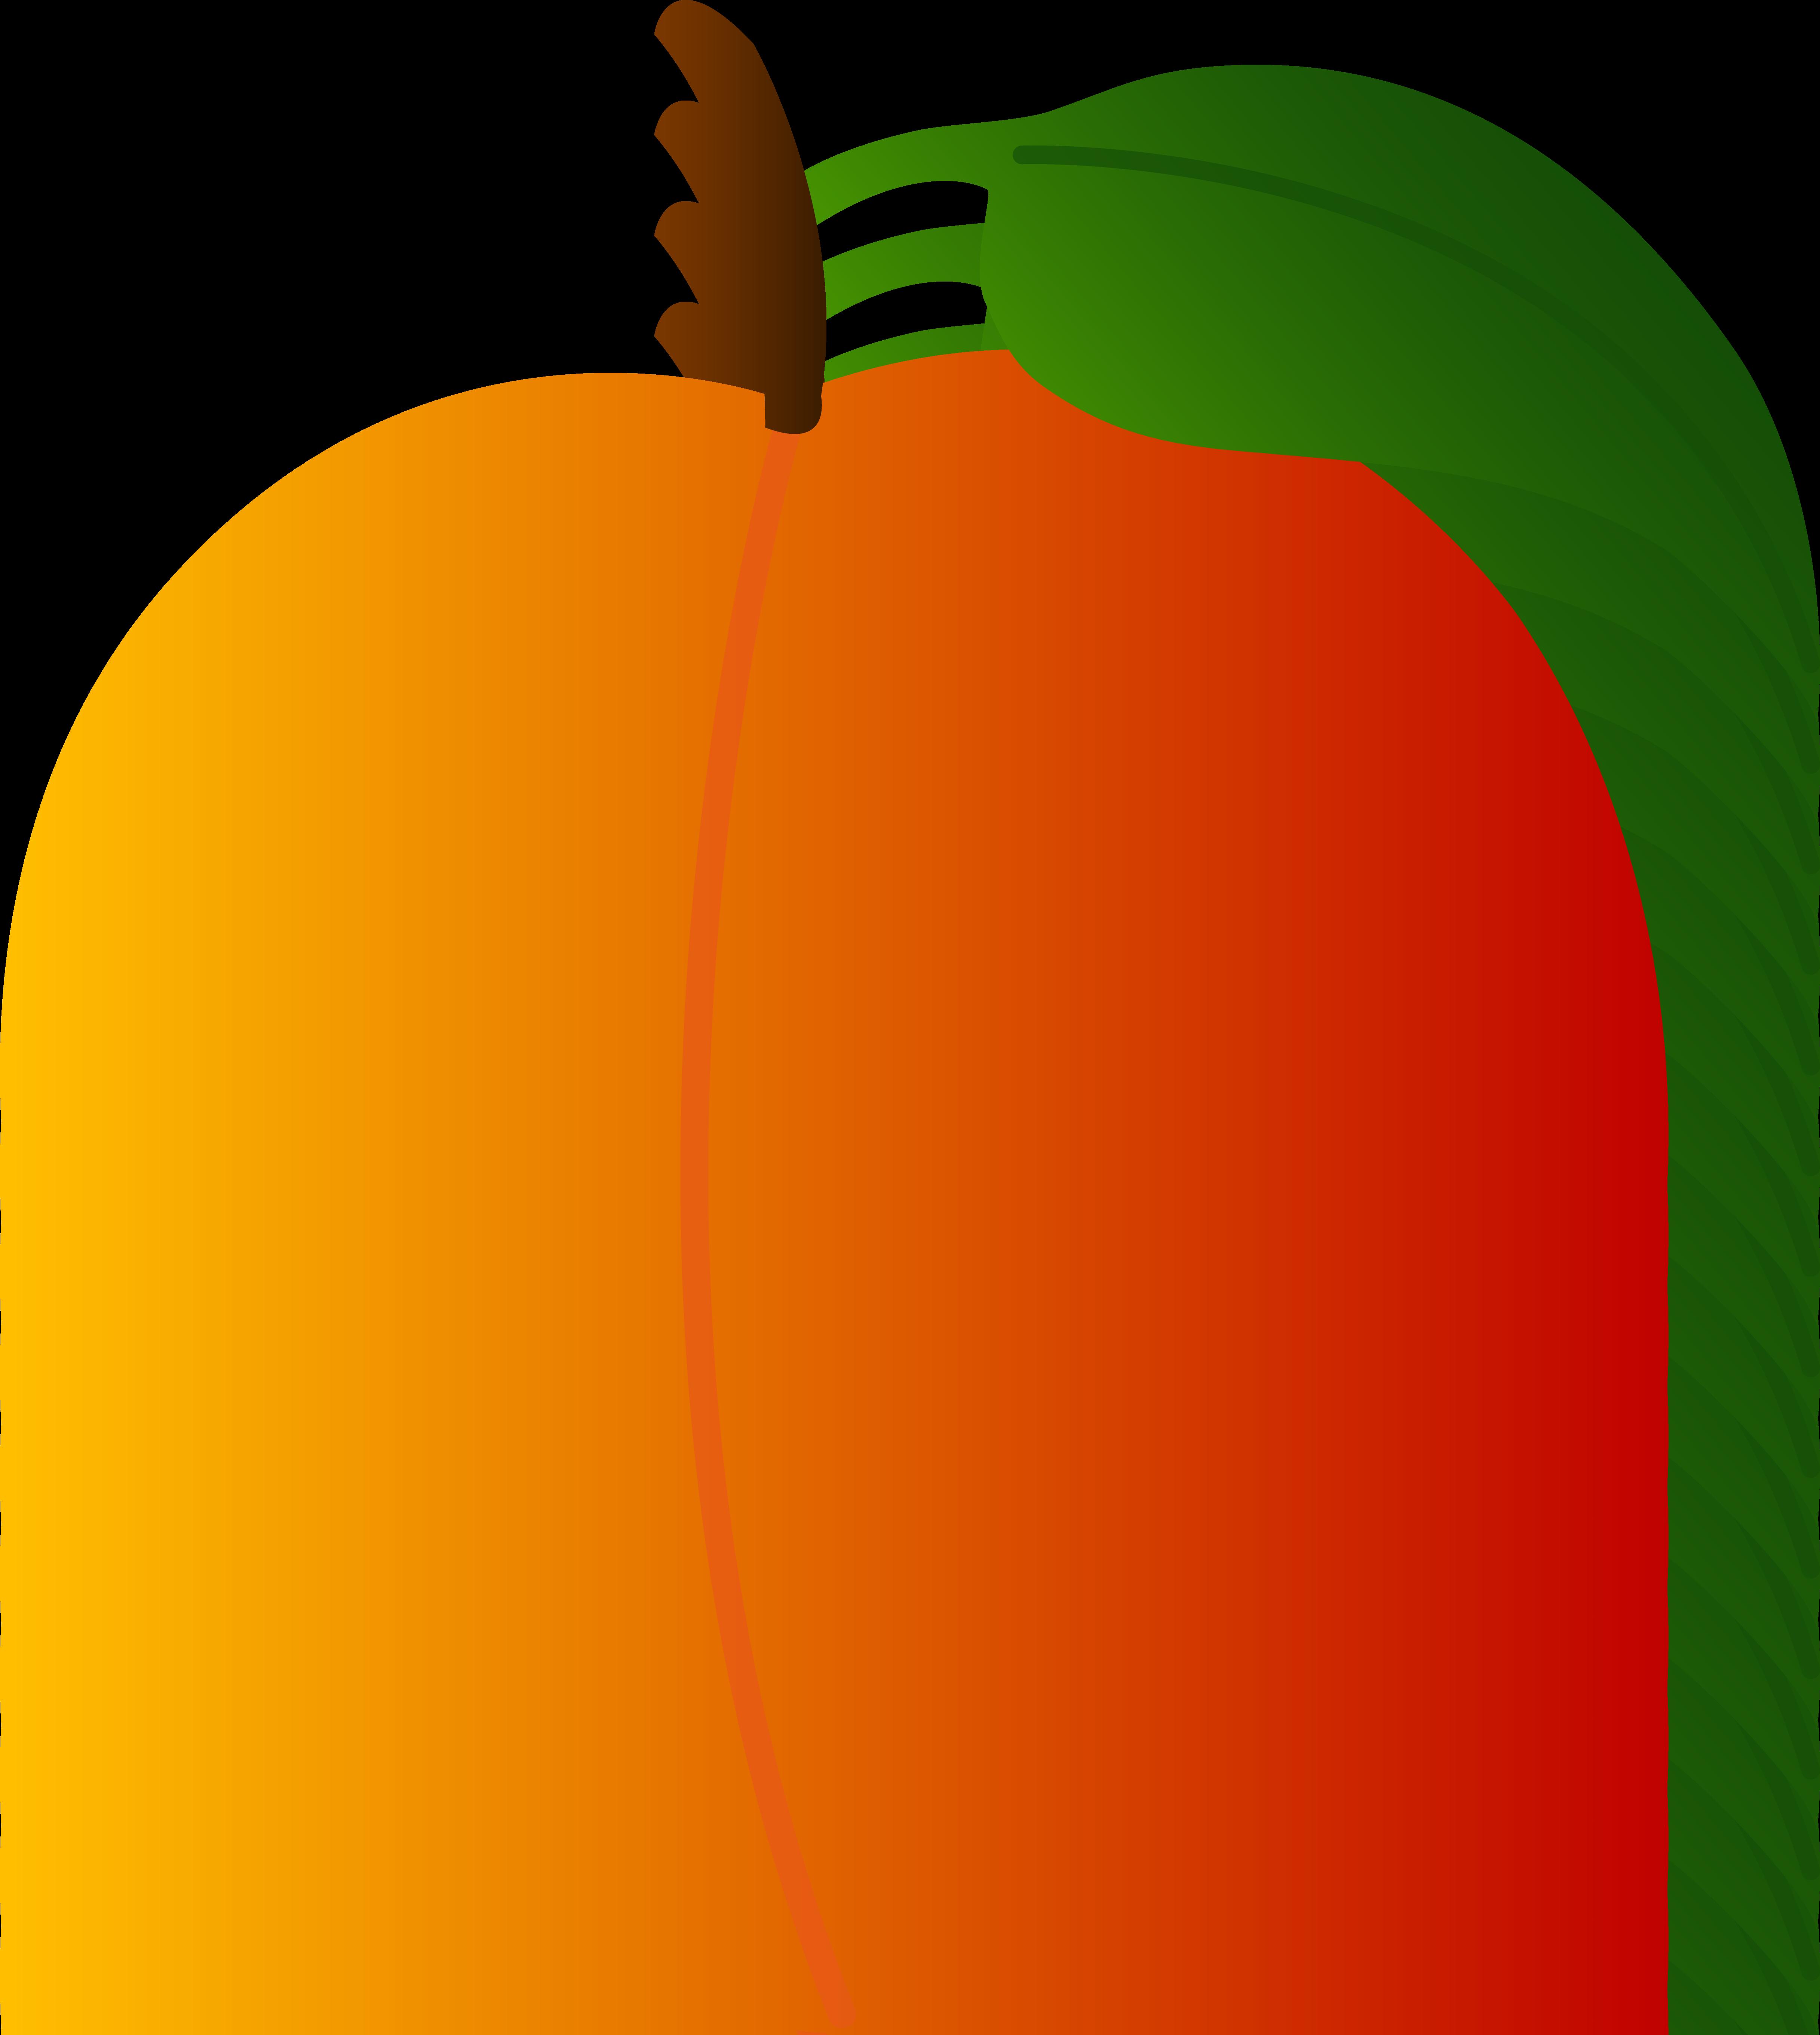 banner free Peaches clipart. Peach clip art free.